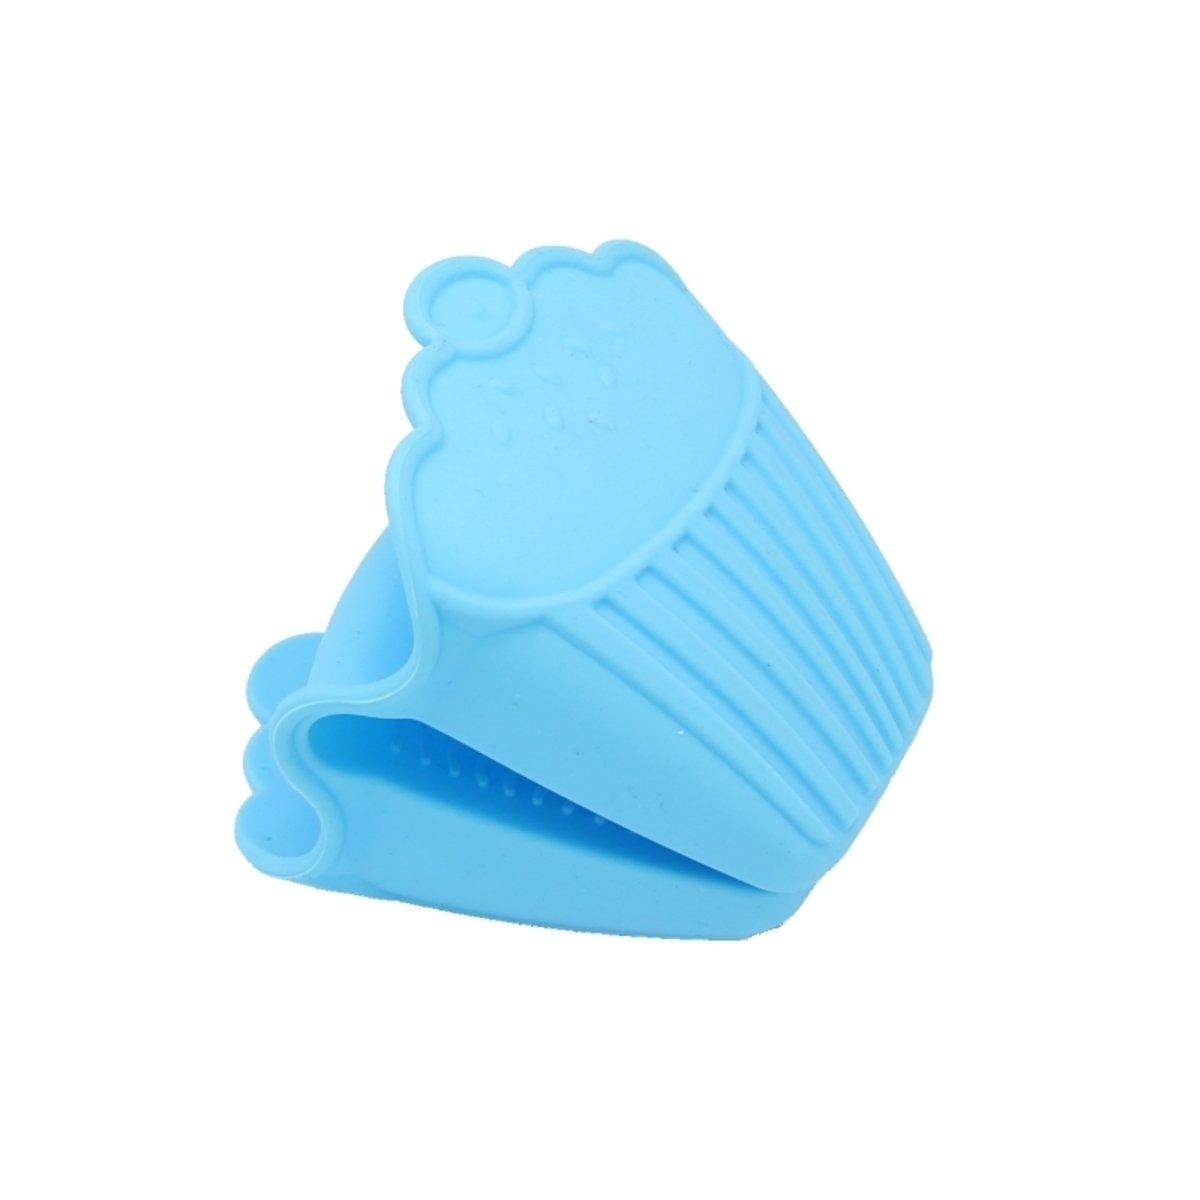 鍋耳 (硅膠)-粉藍色